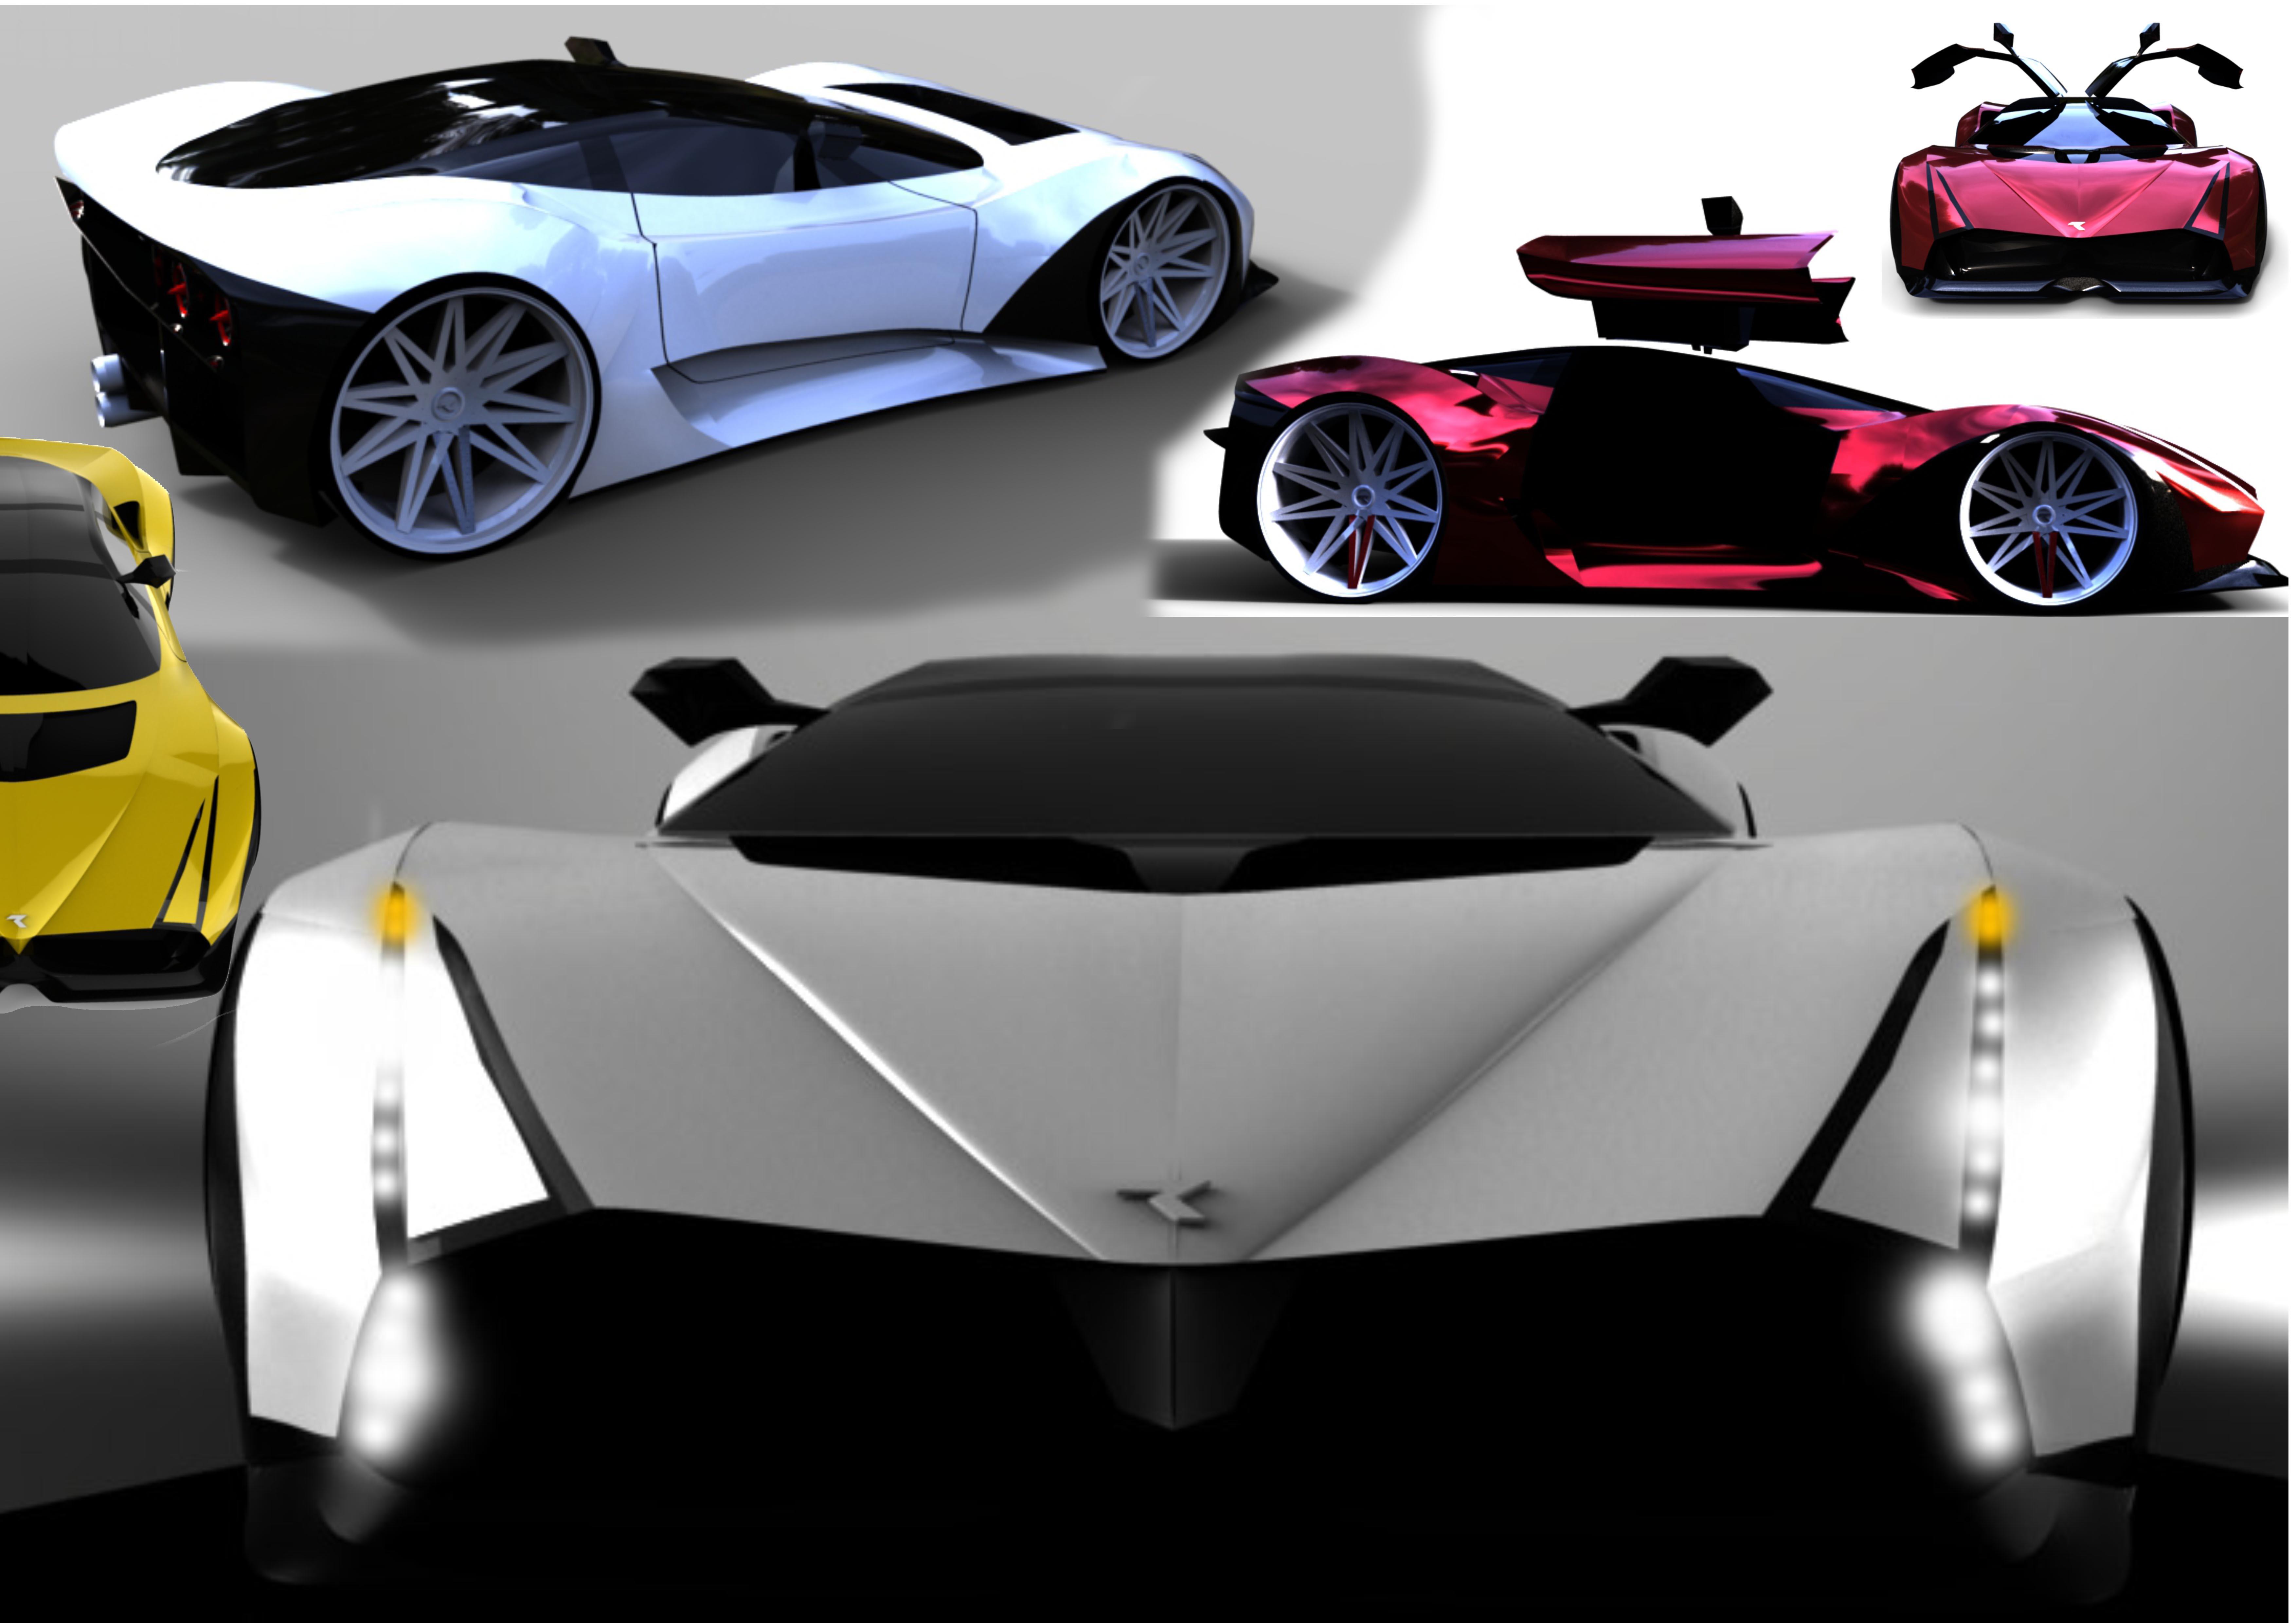 Concept car - black Hawk 3d art